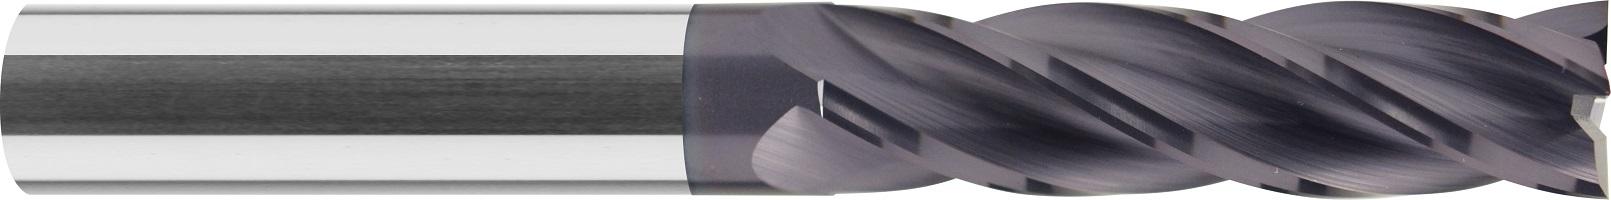 Frez trzpieniowy bardzo długi, Z-4, HB, VHM TiALN, (504)